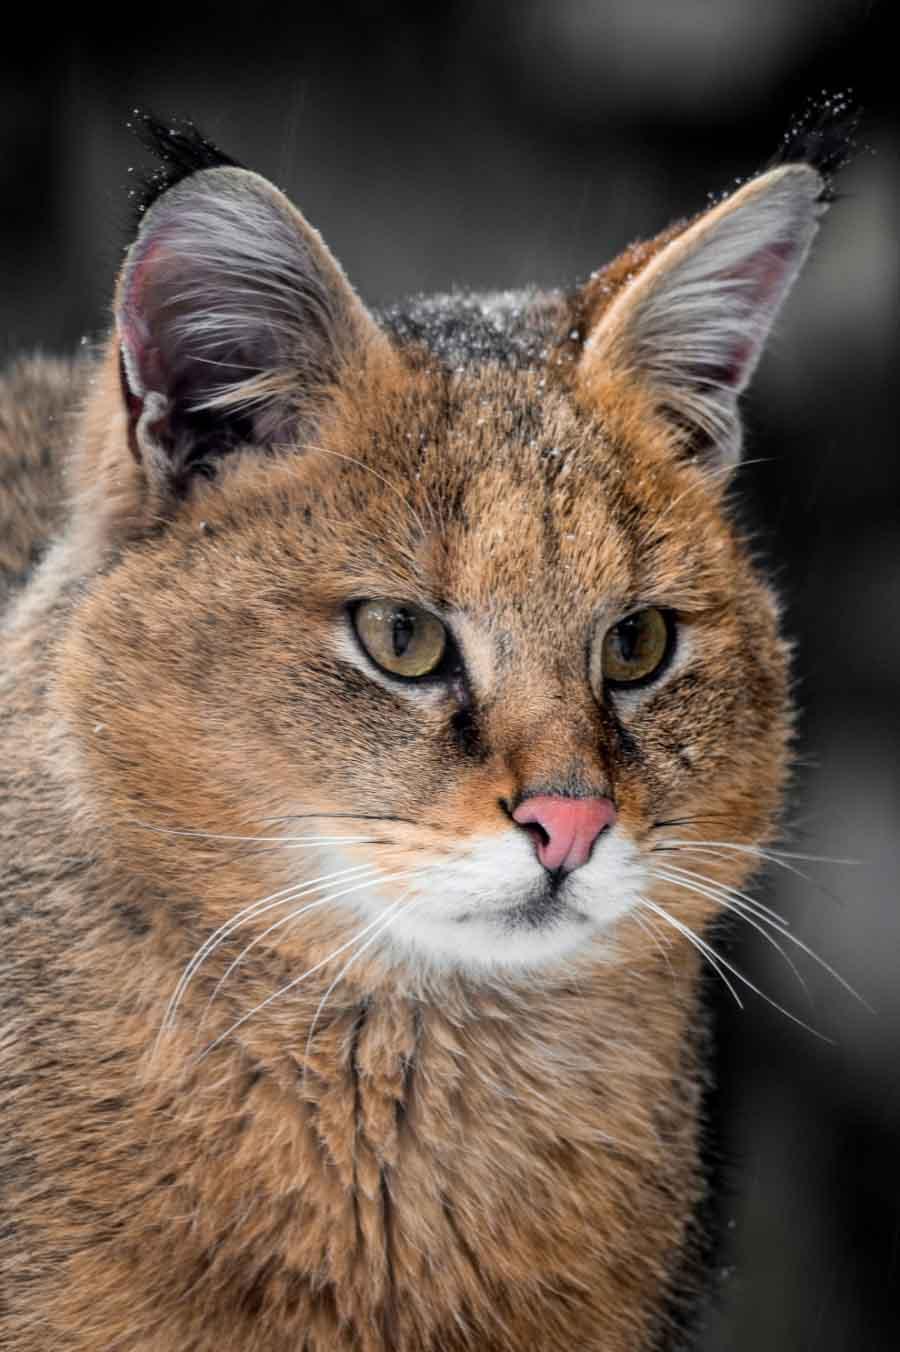 Камышовый кот: описание, содержание в квартире и уход